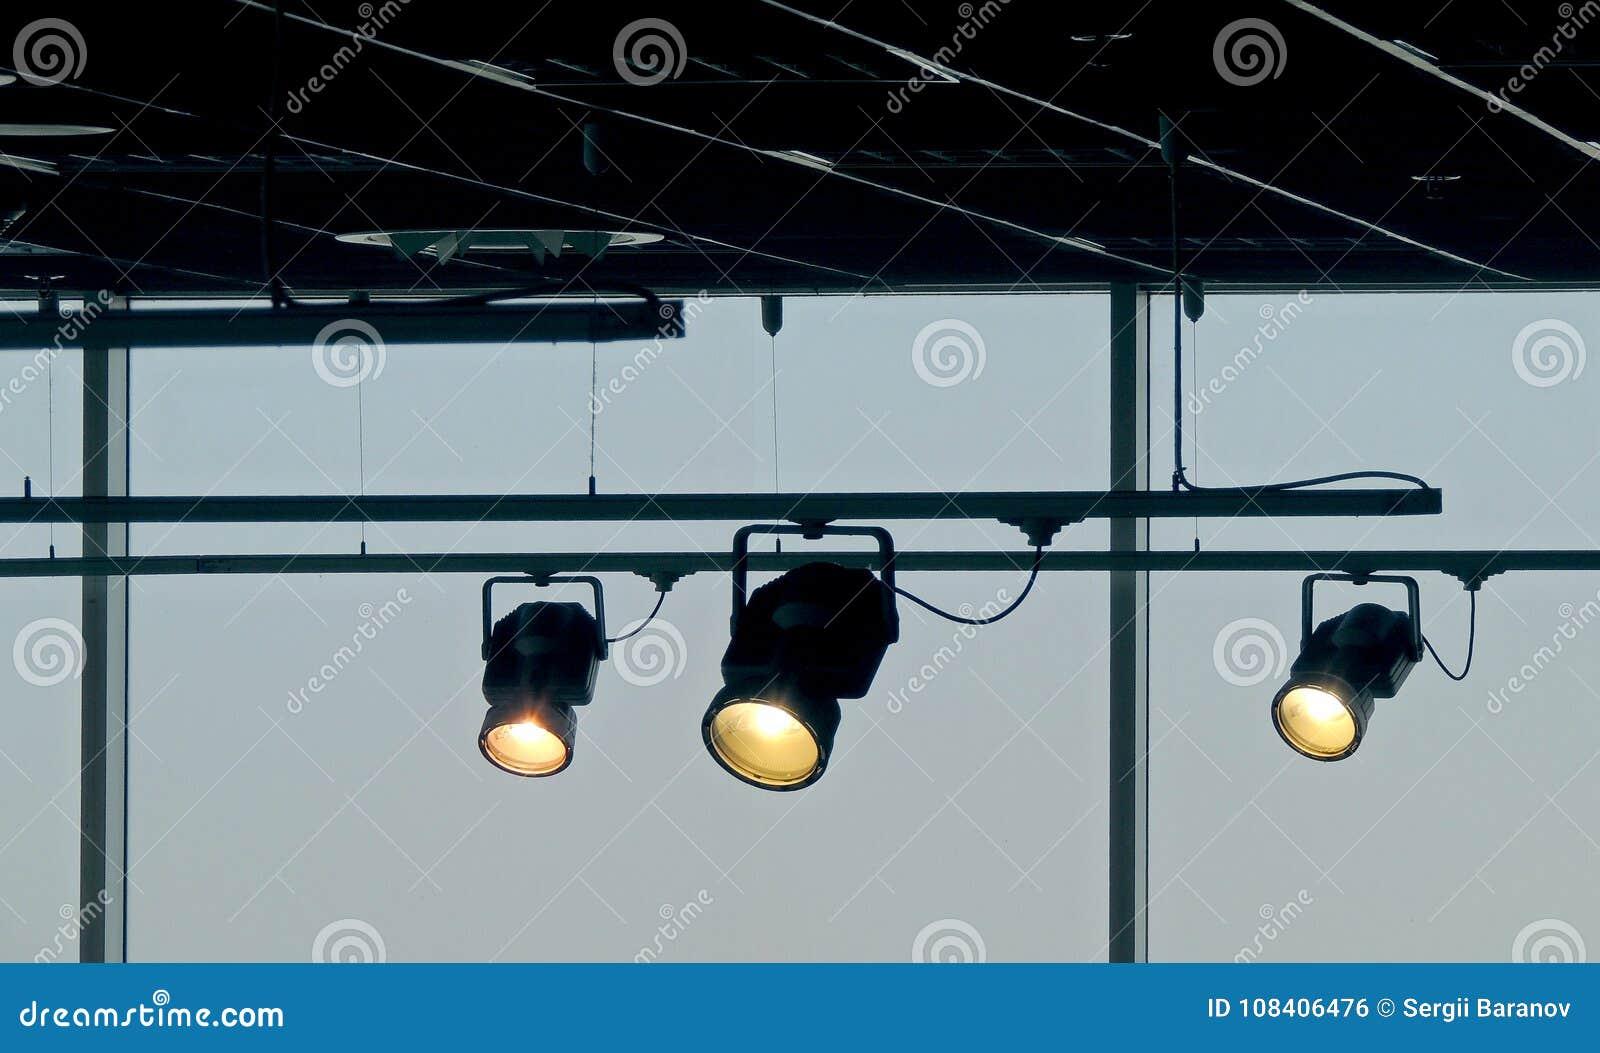 Seguir projetores brilha no sistema ferroviário do teto